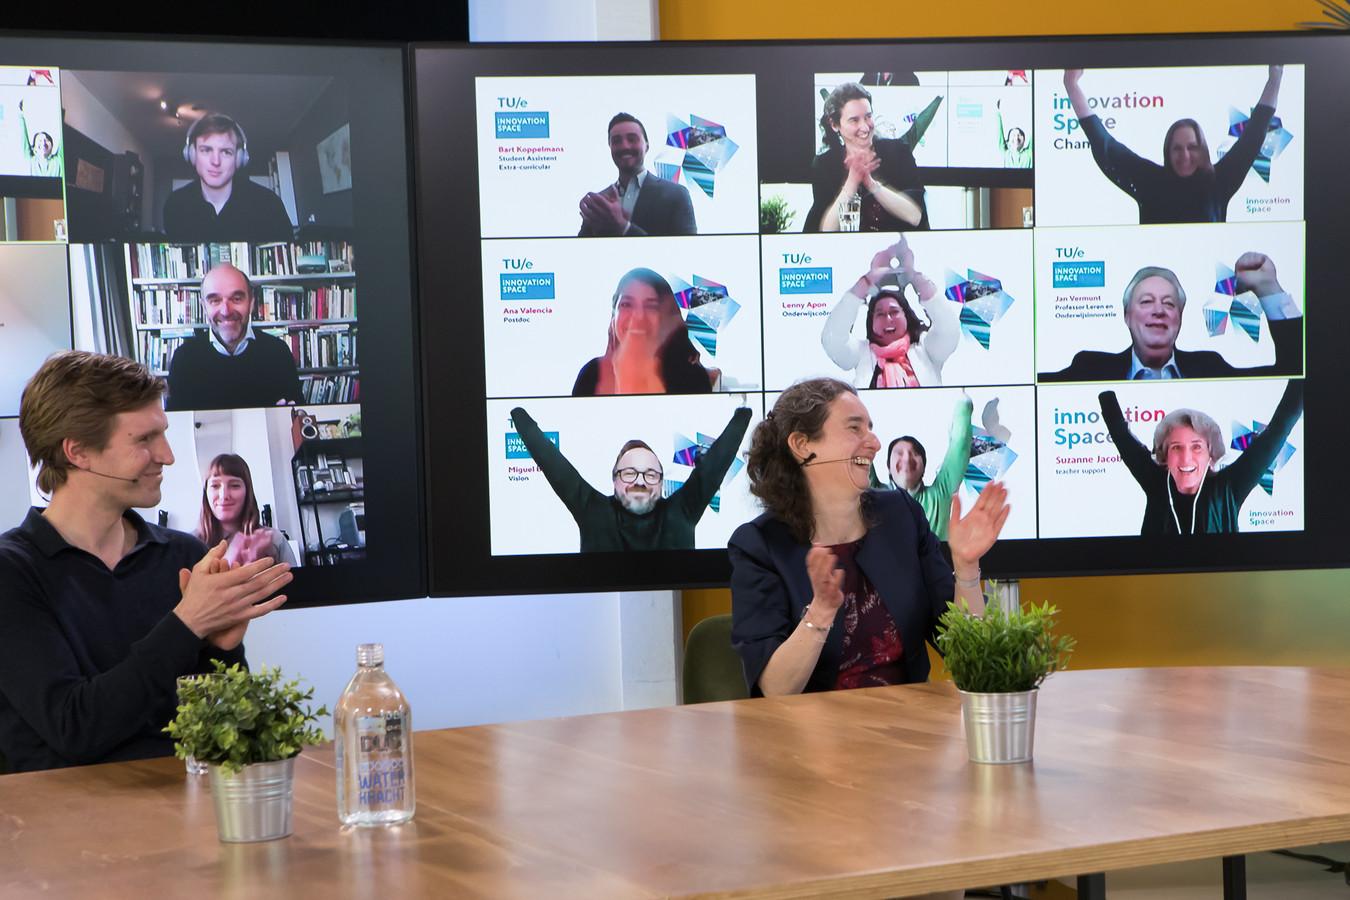 Gejuich bij teamleden na de online bekendmaking, TU/e innovation Space wint de Nederlandse Hogeronderwijspremie 2021.